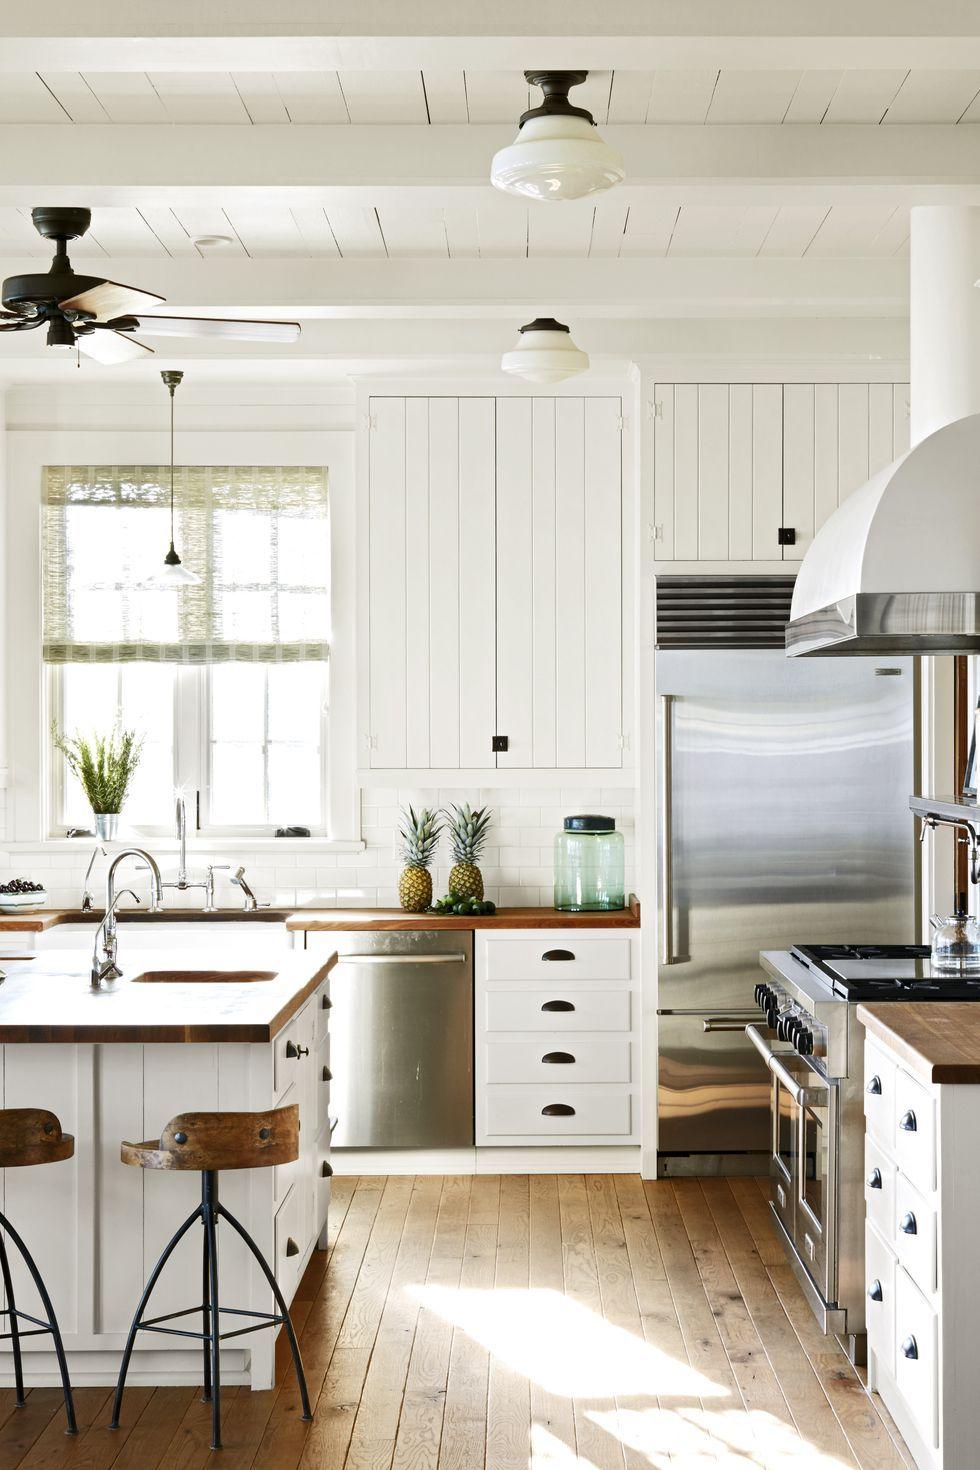 10 Cuisines De Style Campagne Chic En 2020 Idees De Cuisine Blanche Cuisine Blanche Cuisines Maison